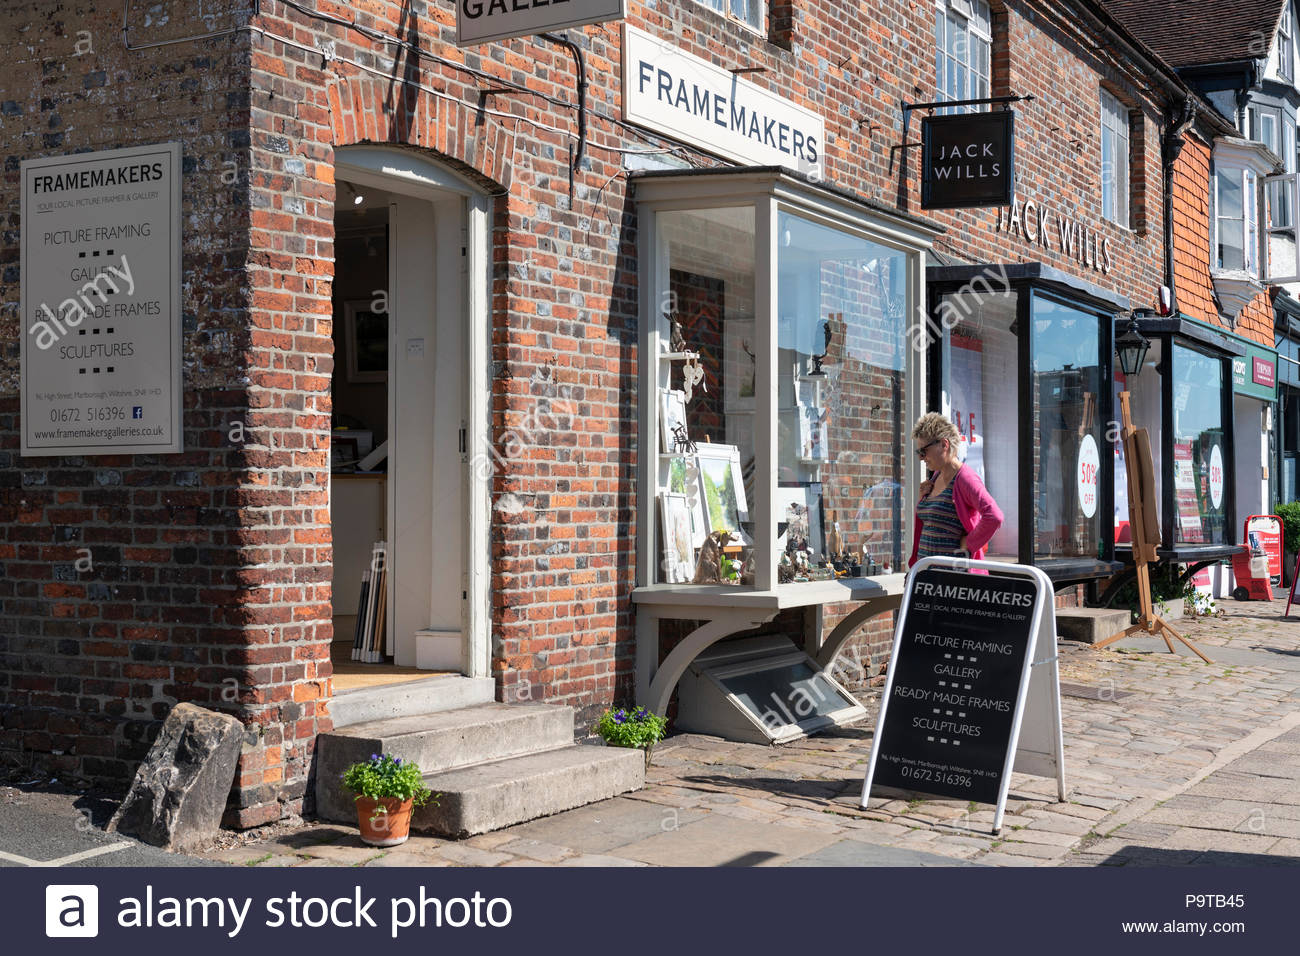 High Street shops, Marlborough, Wiltshire, England, UK - Stock Image